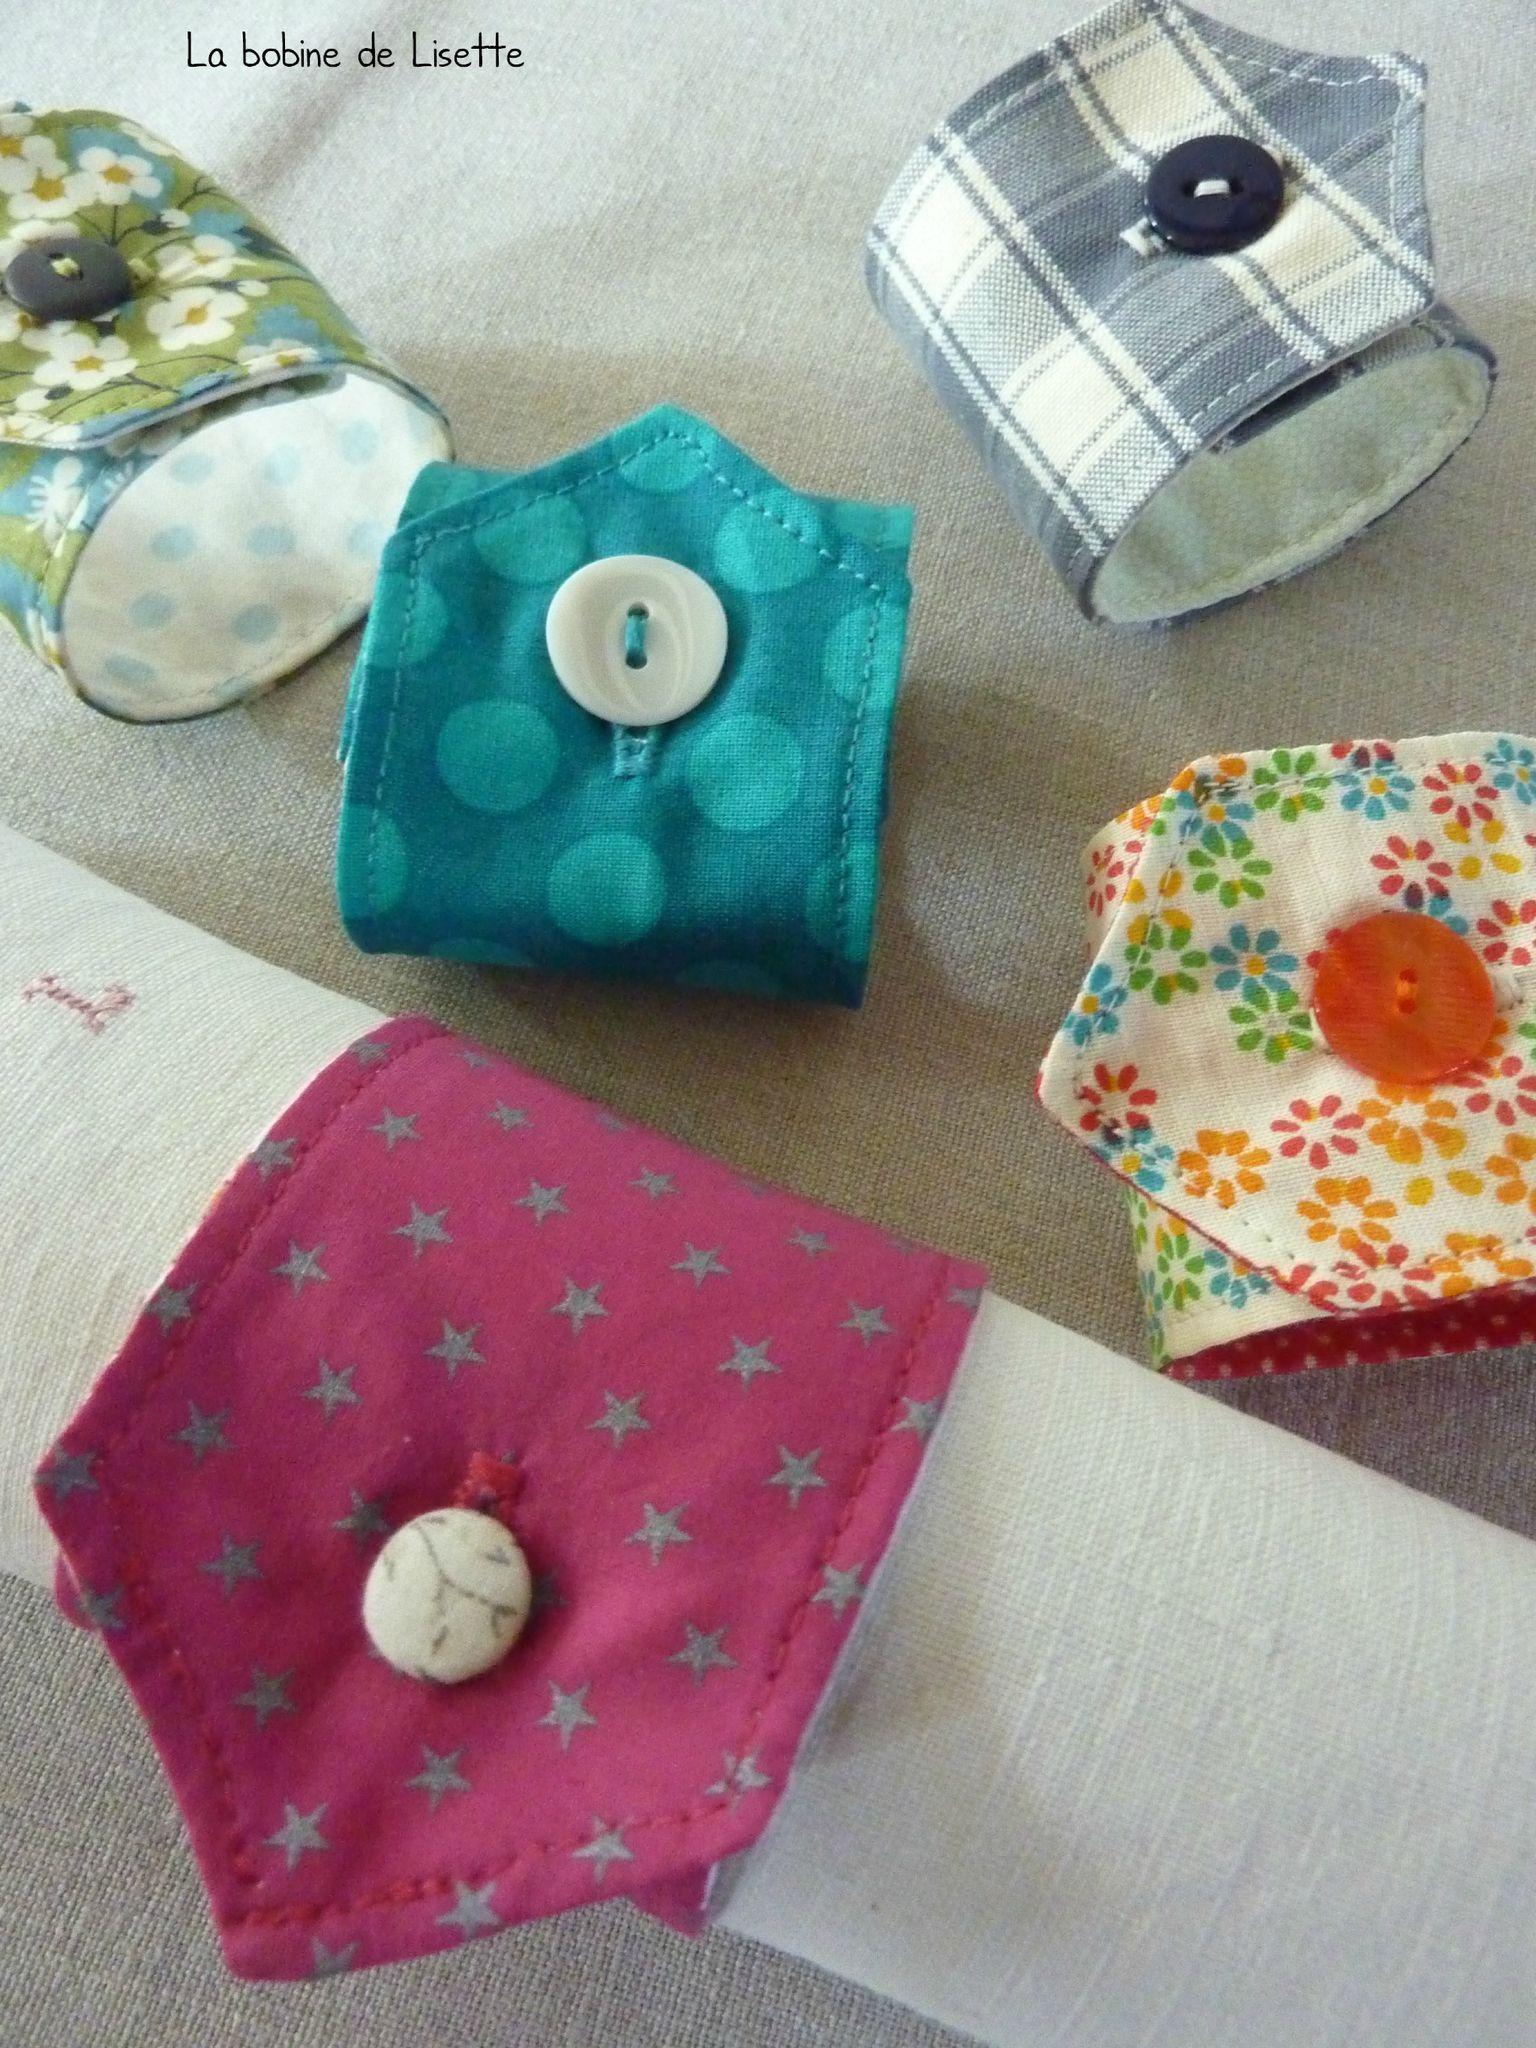 ronds de serviette r versibles j 39 aime les tissus pinterest ronds de serviette serviettes. Black Bedroom Furniture Sets. Home Design Ideas